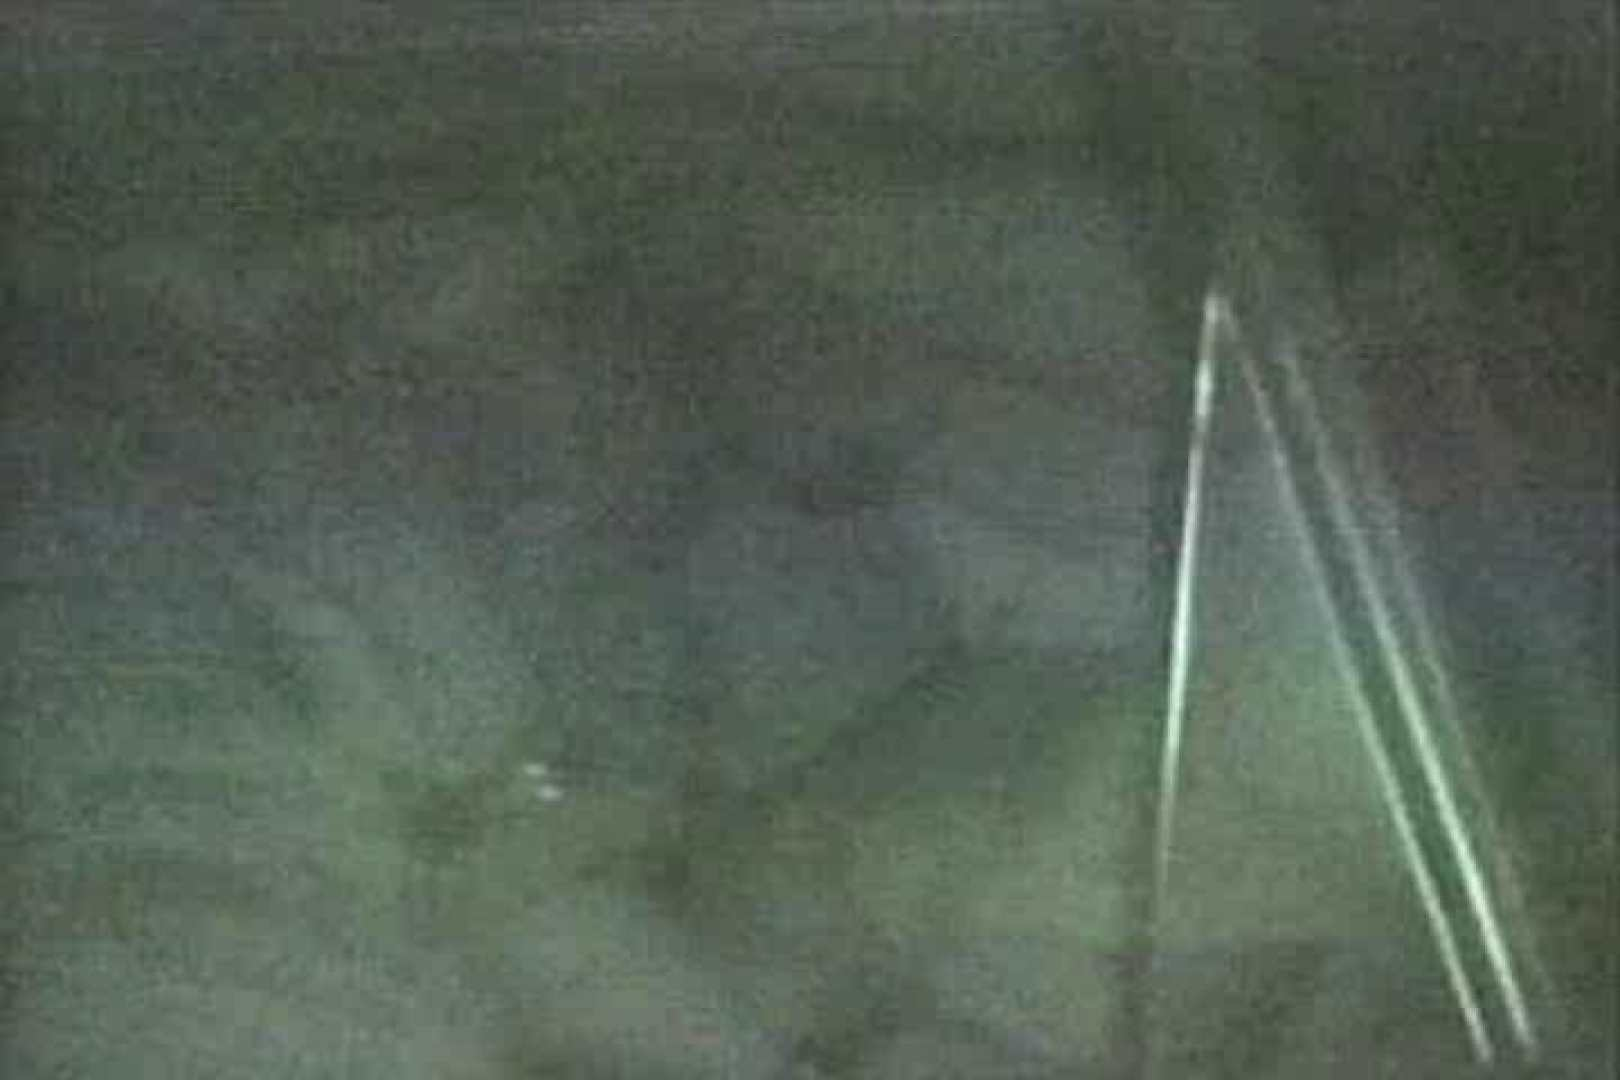 蔵出し!!赤外線カーセックスVol.12 エロティックなOL われめAV動画紹介 92画像 82